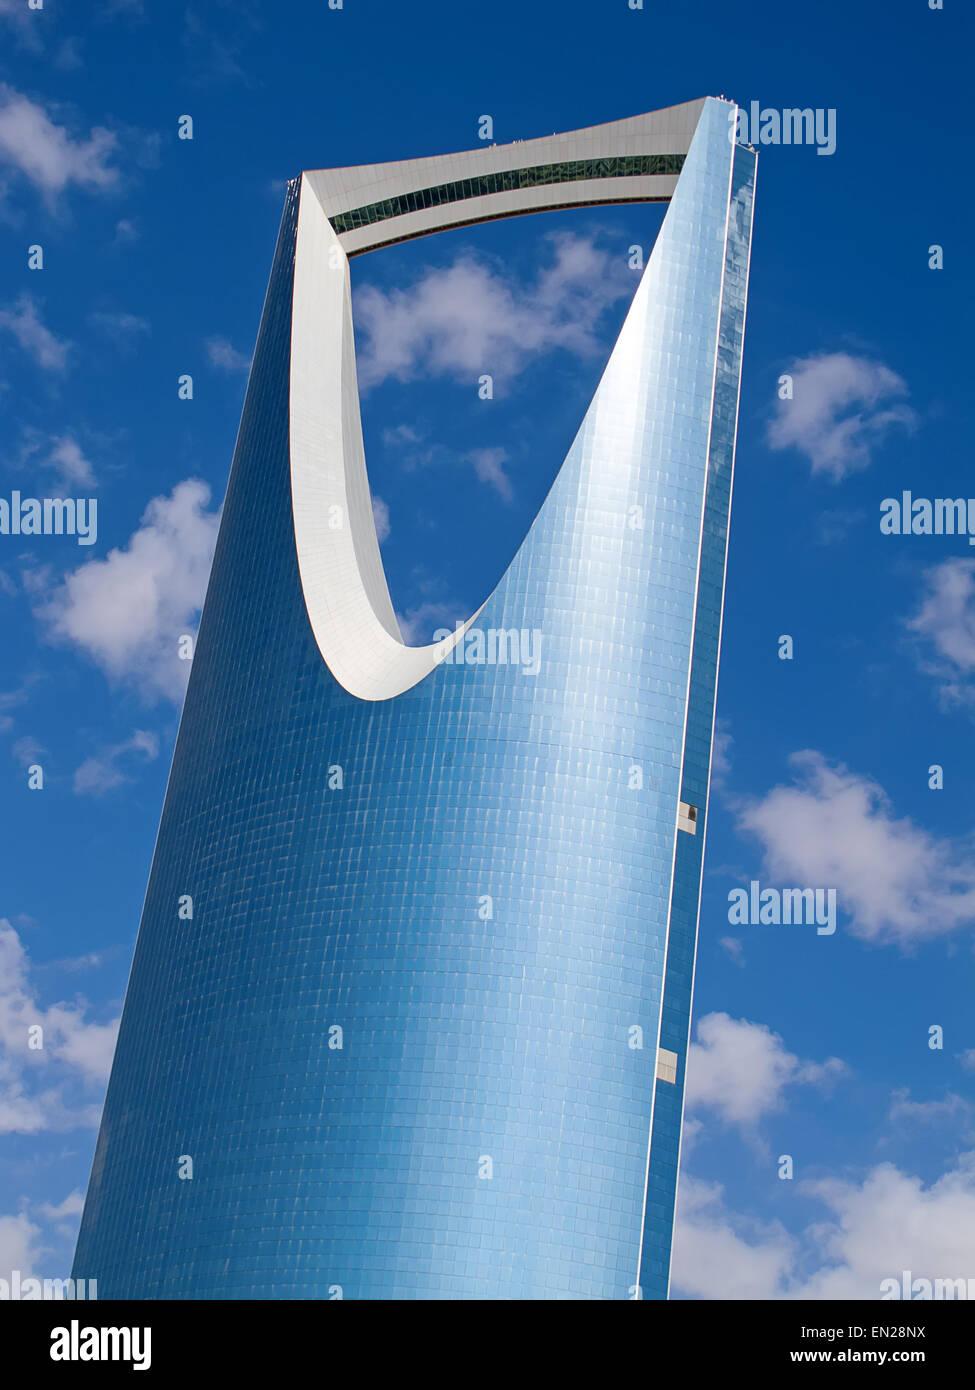 RIYADH - 22 dicembre: Unito torre sul dicembre 22, 2009 a Riyadh in Arabia Saudita. Kingdom Tower è un business Immagini Stock